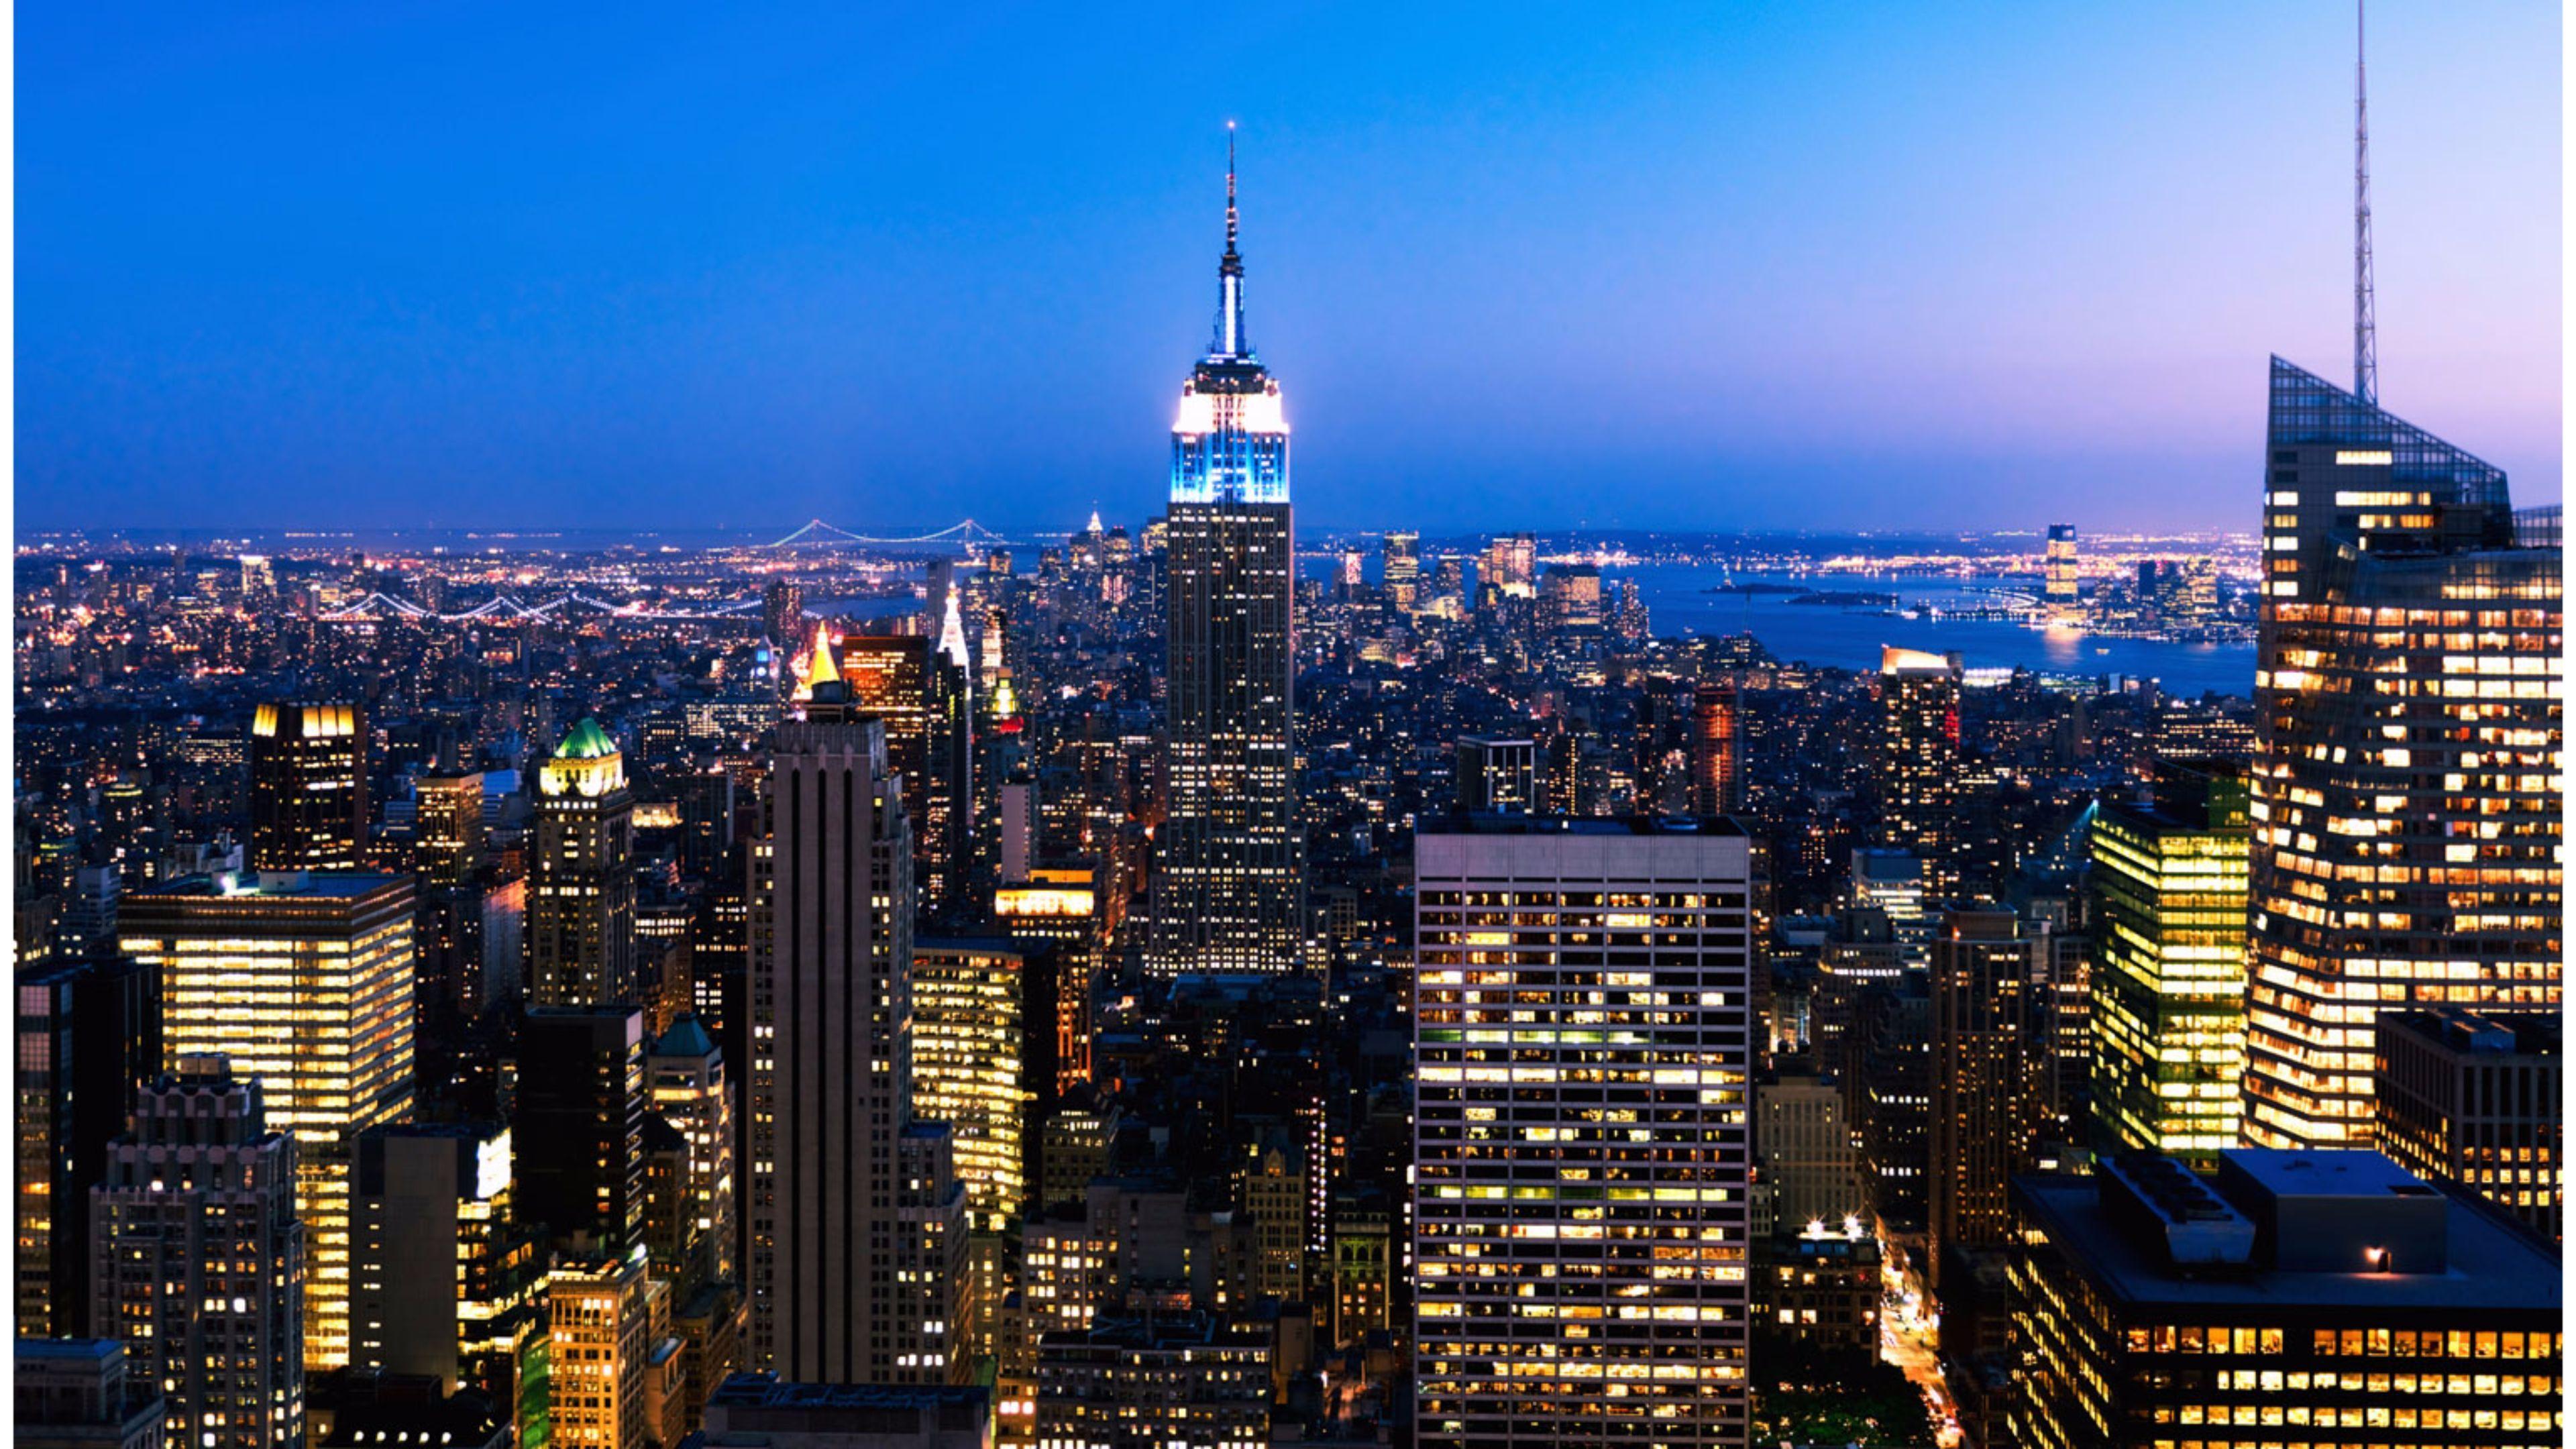 4k Wallpaper New York City